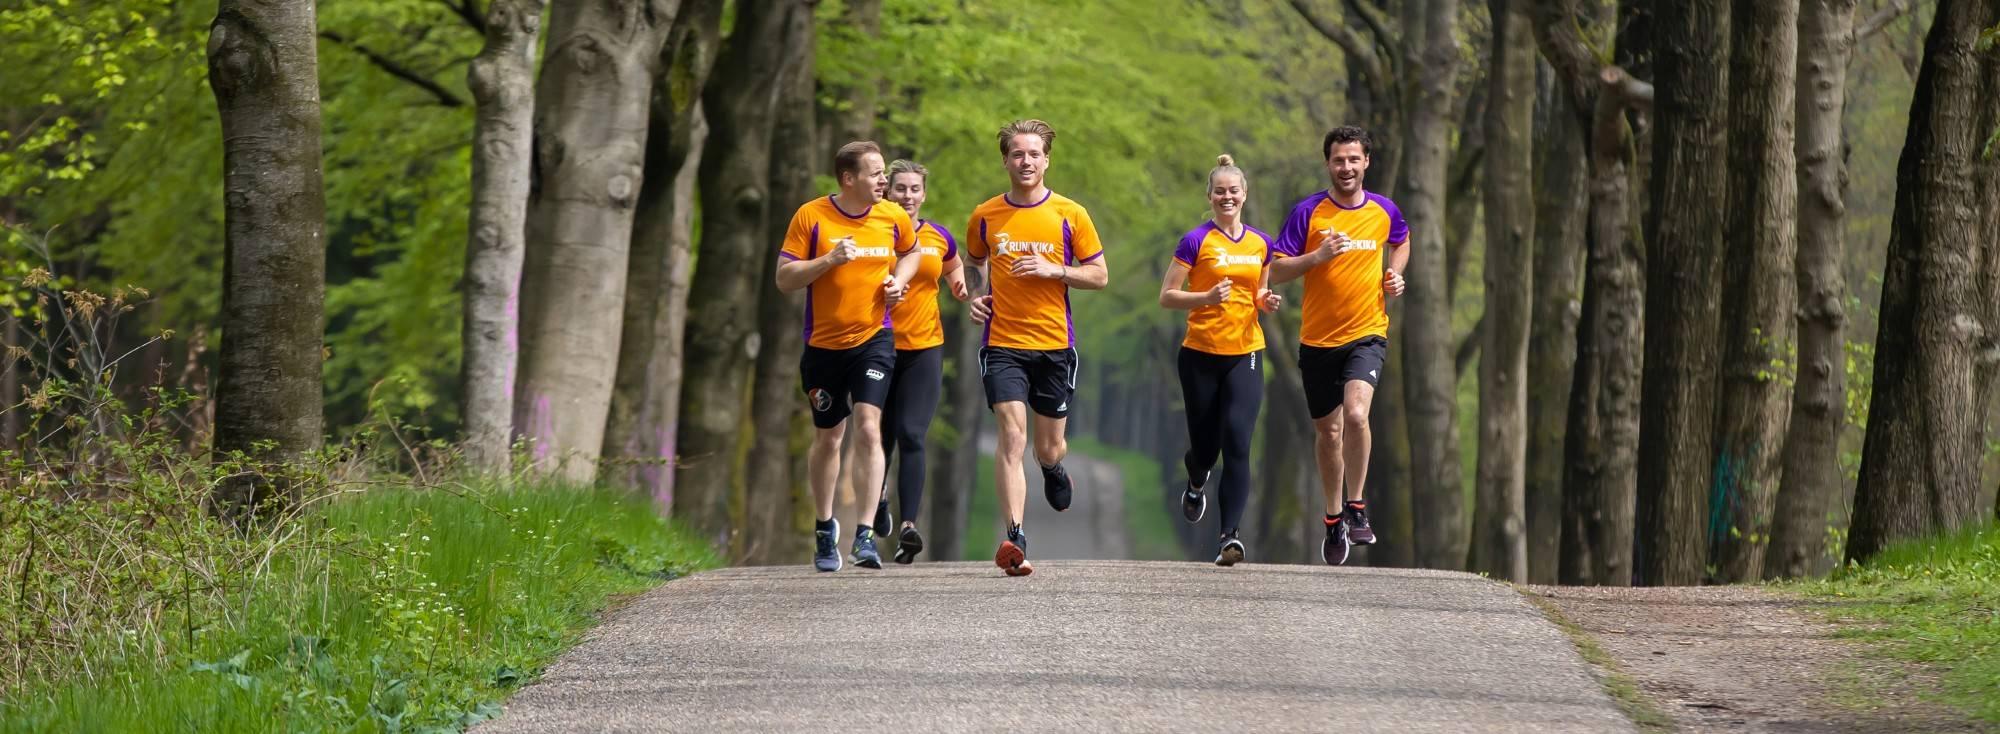 hardlopers in Veluwse bossen voor KiKa marathon